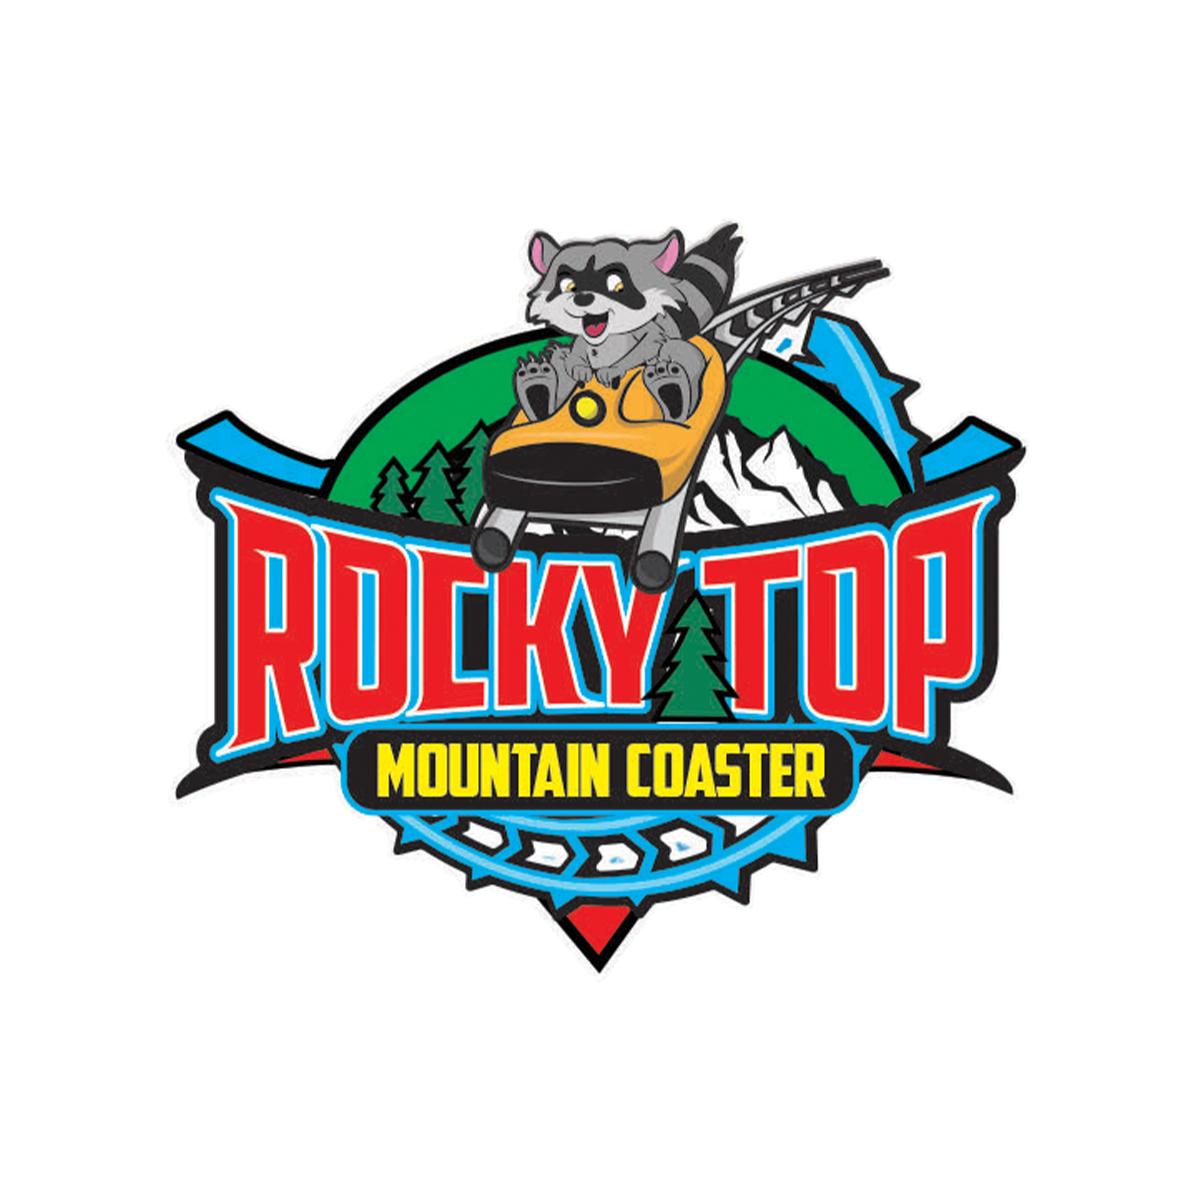 Rockytop Mountain Coaster SMCB Logo.jpg